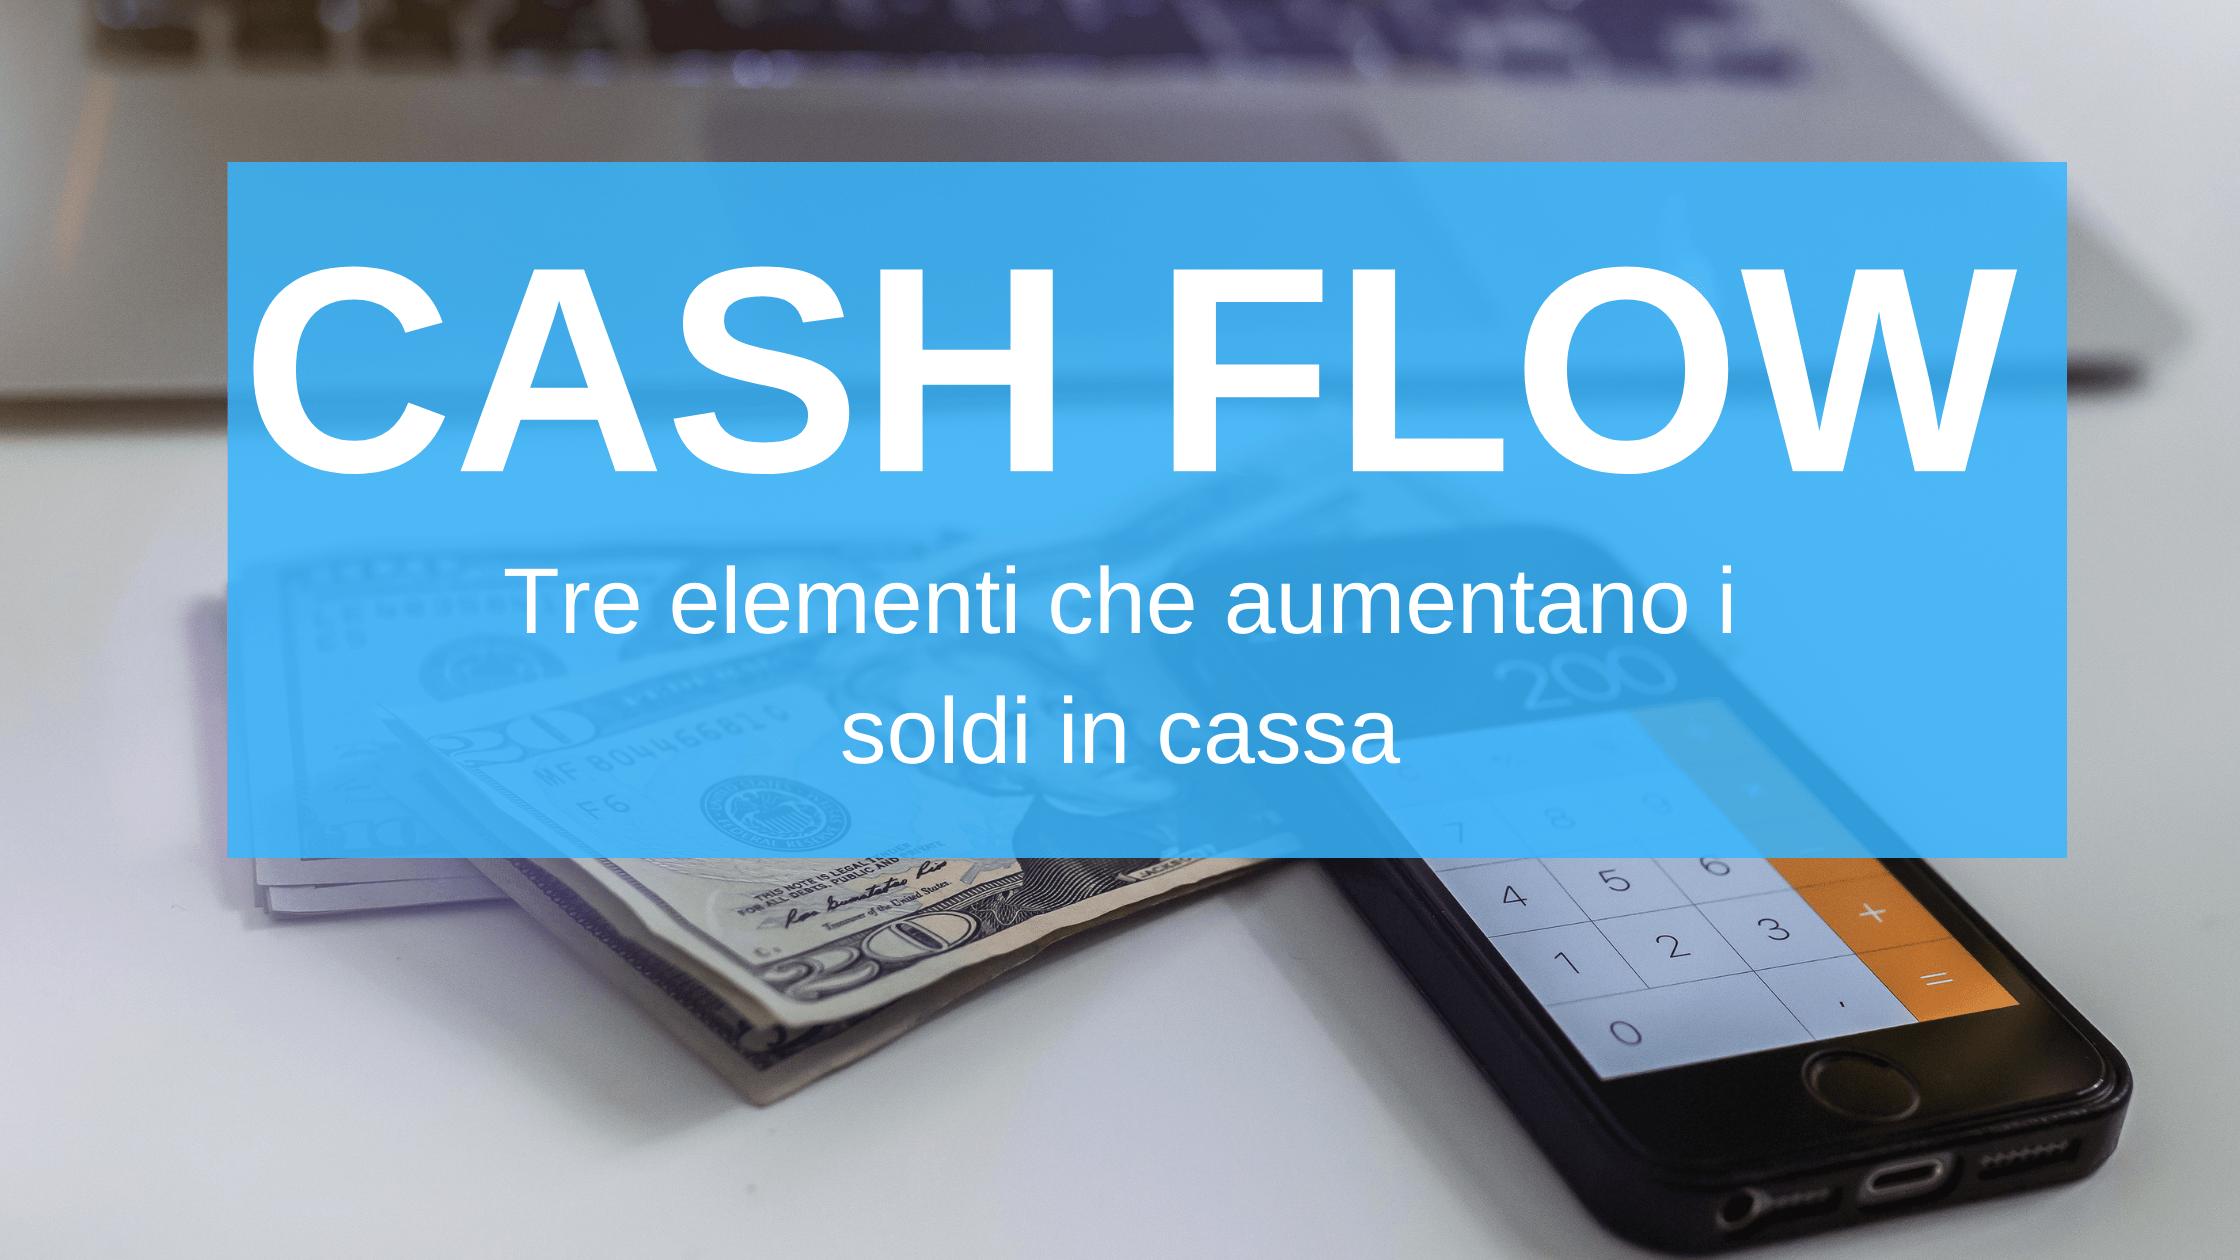 CASH FLOW, 3 elementi che aumentano i soldi in cassa